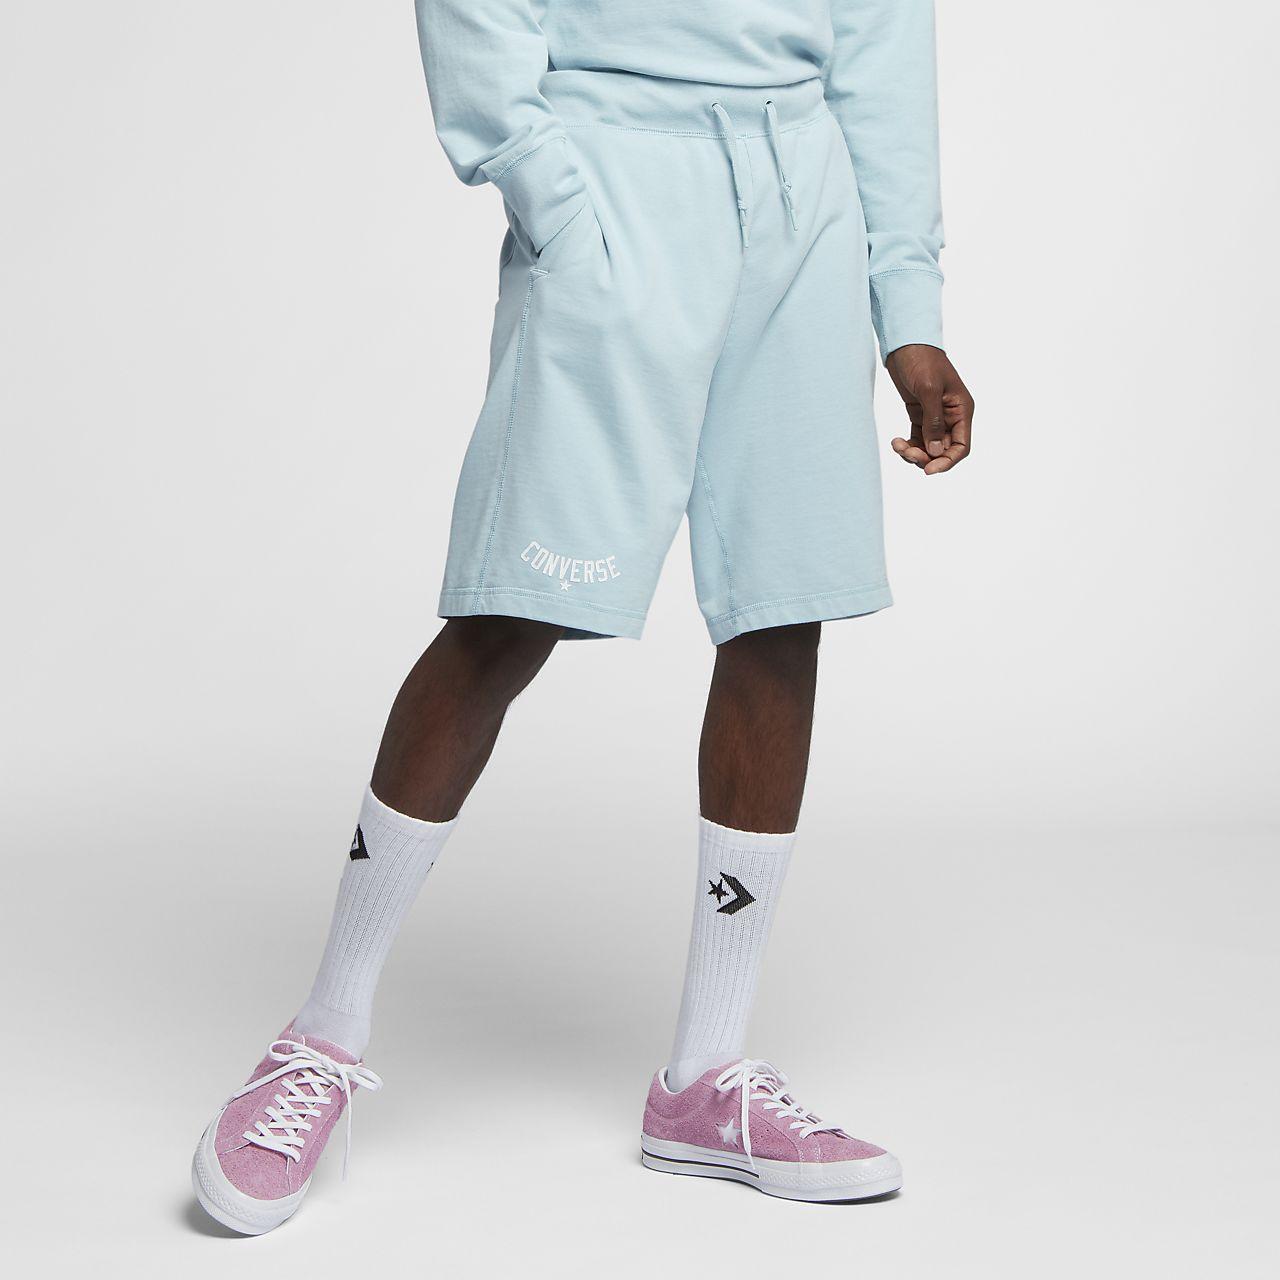 Converse Essentials Lightweight Graphic Men's Shorts